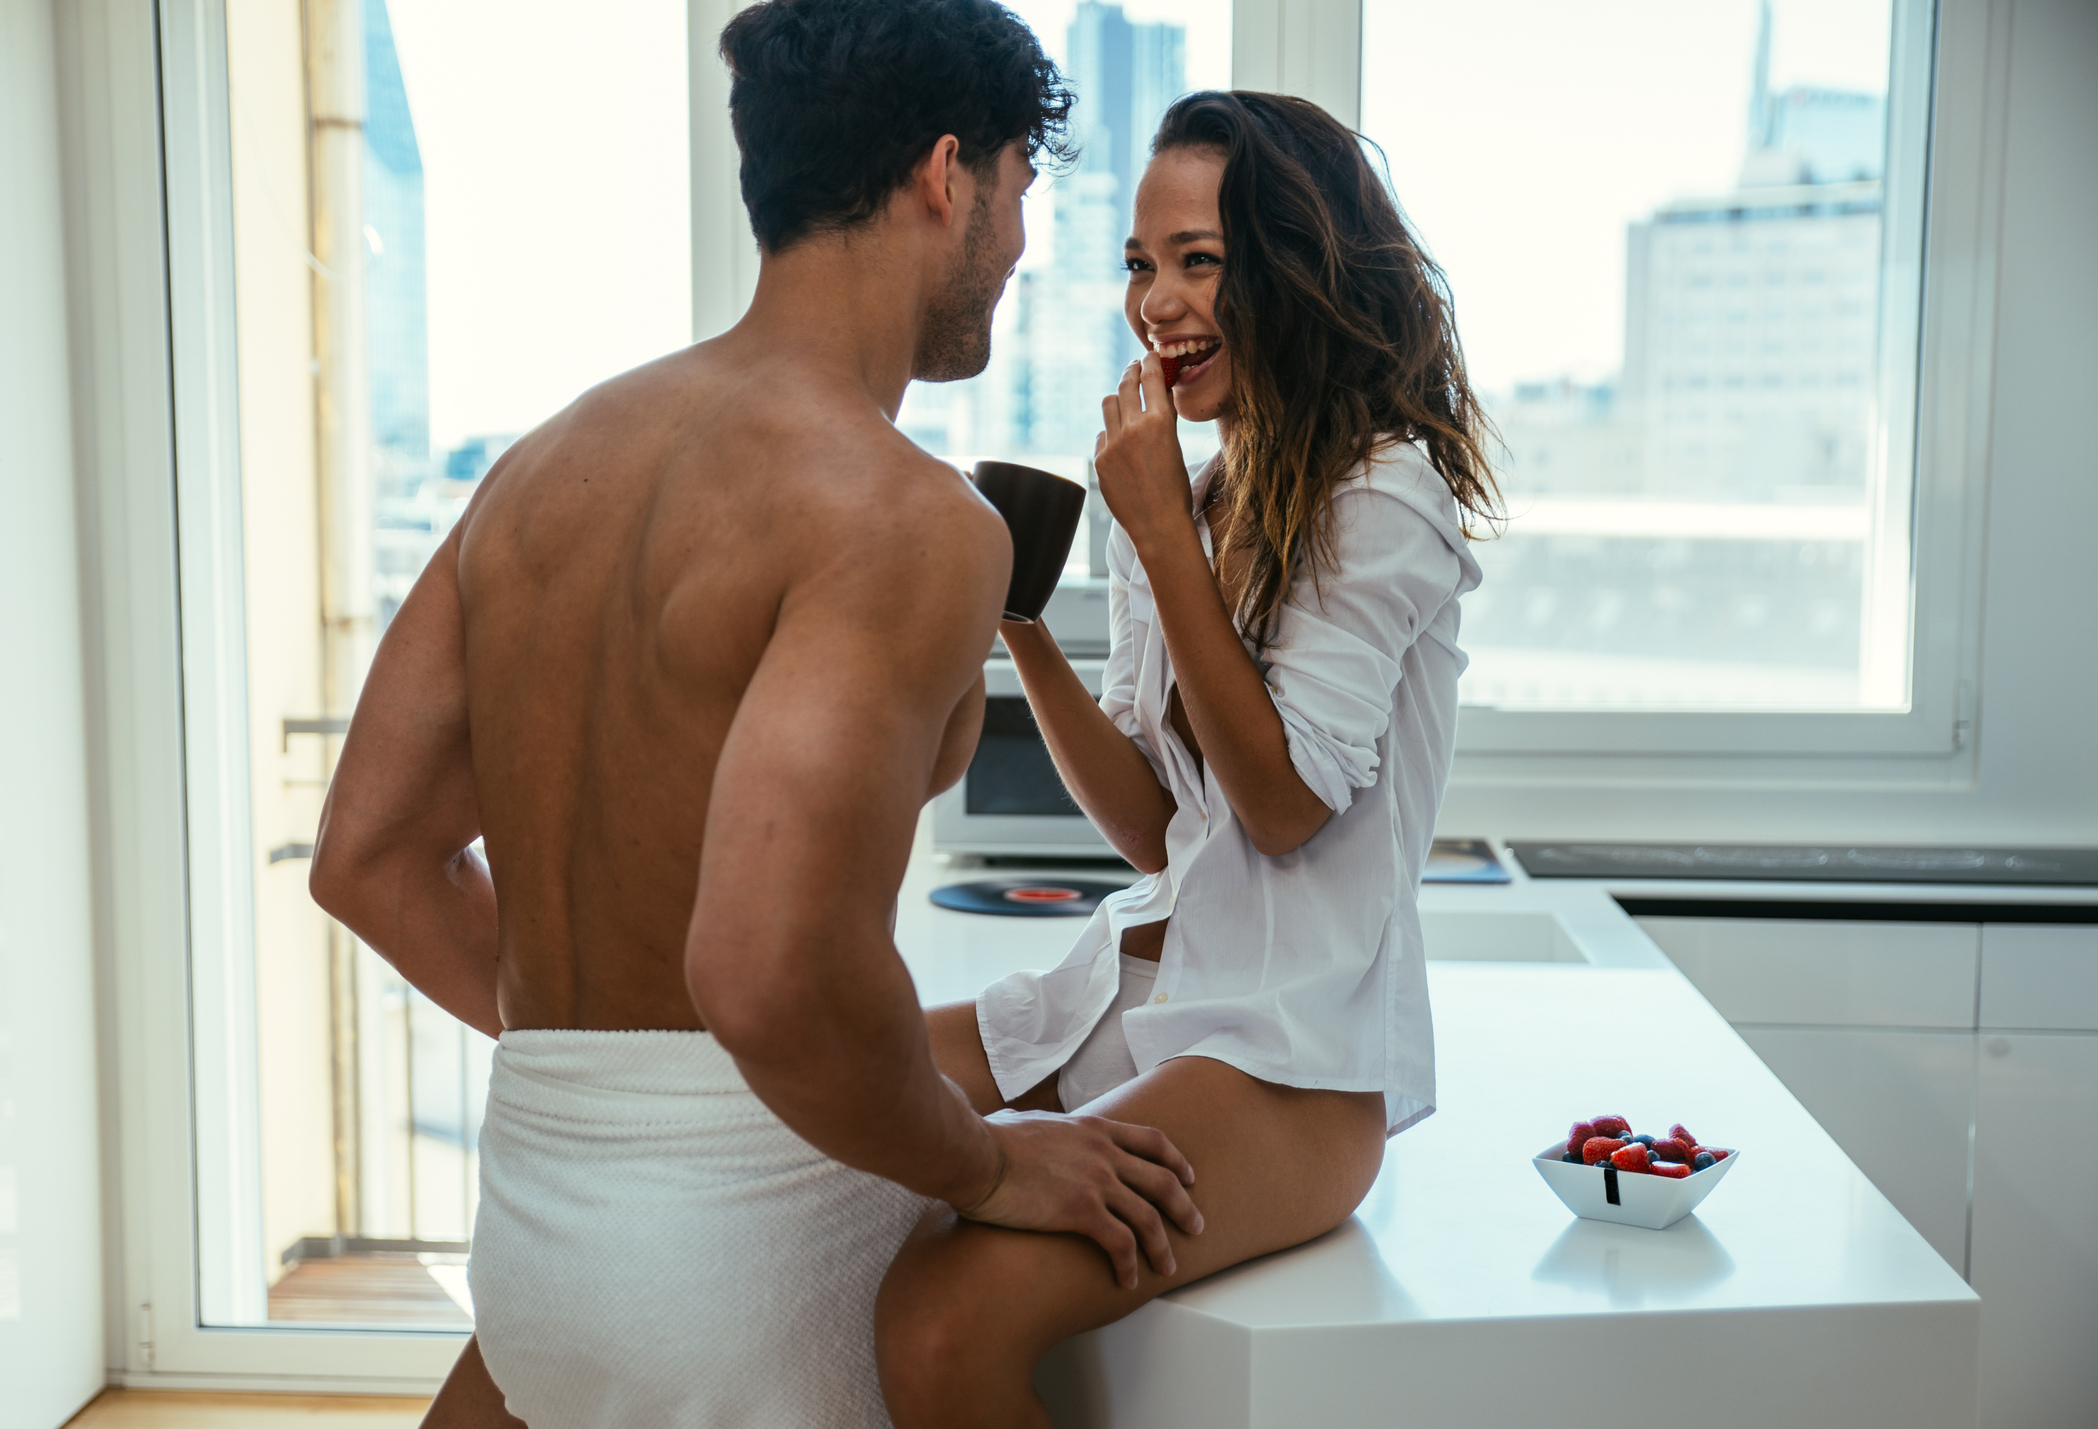 Μπορείτε να έχετε πρωκτικό σεξ μετά την εγκυμοσύνη Ebony μουνί δωρεάν